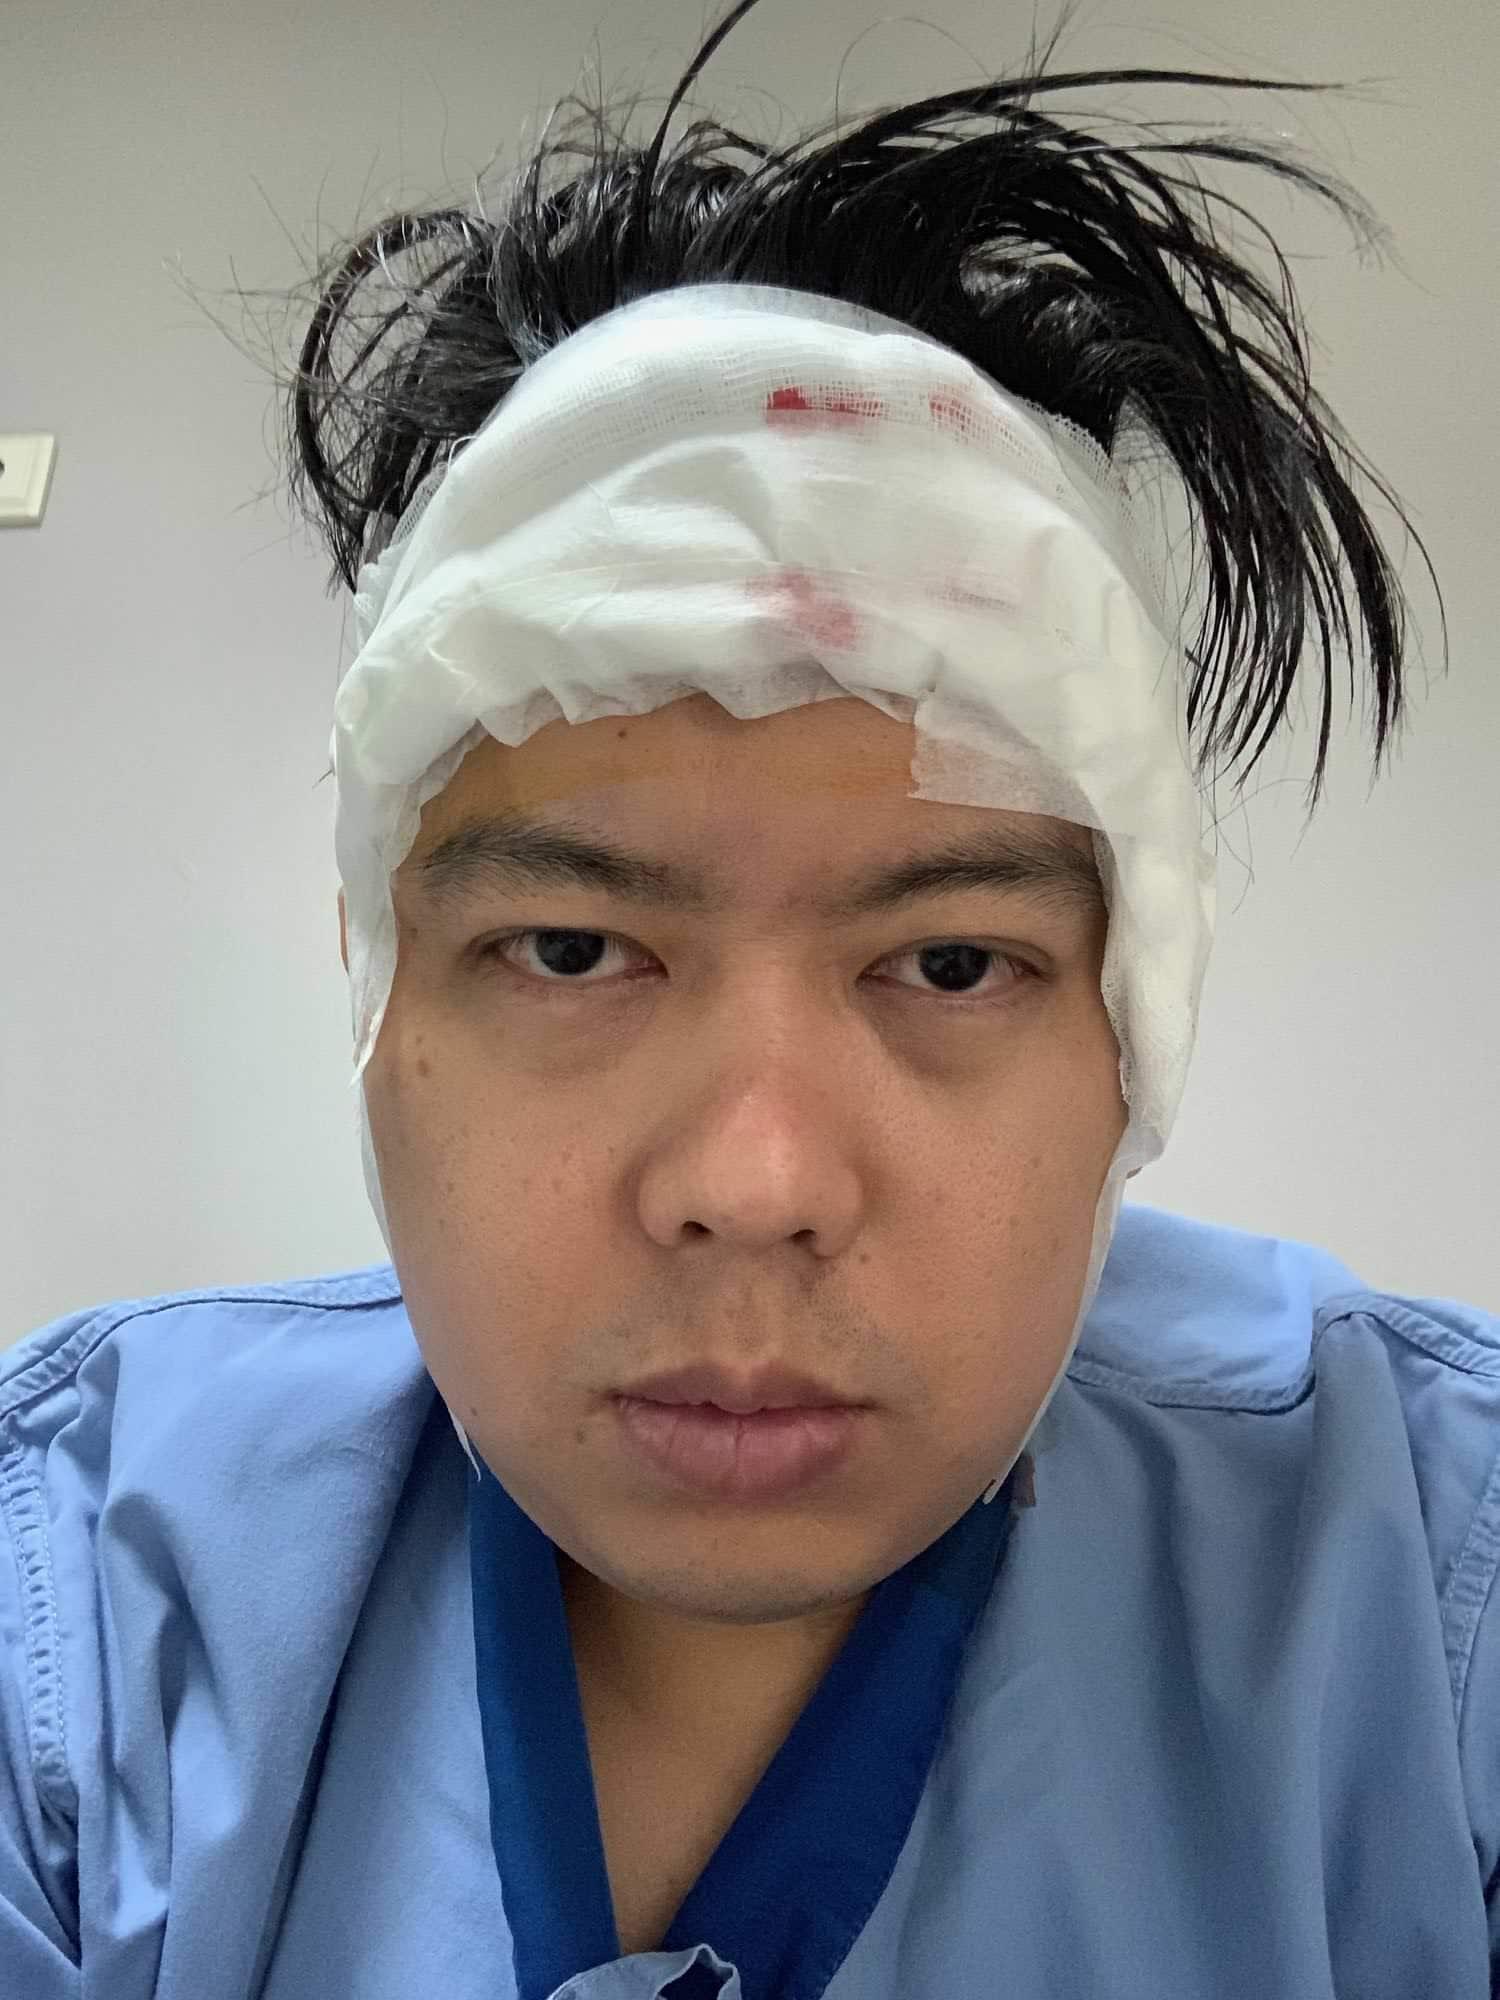 ปลูกผม - รีวิวการปลูกผม กับเรื่องราว ณ วันผ่าตัด